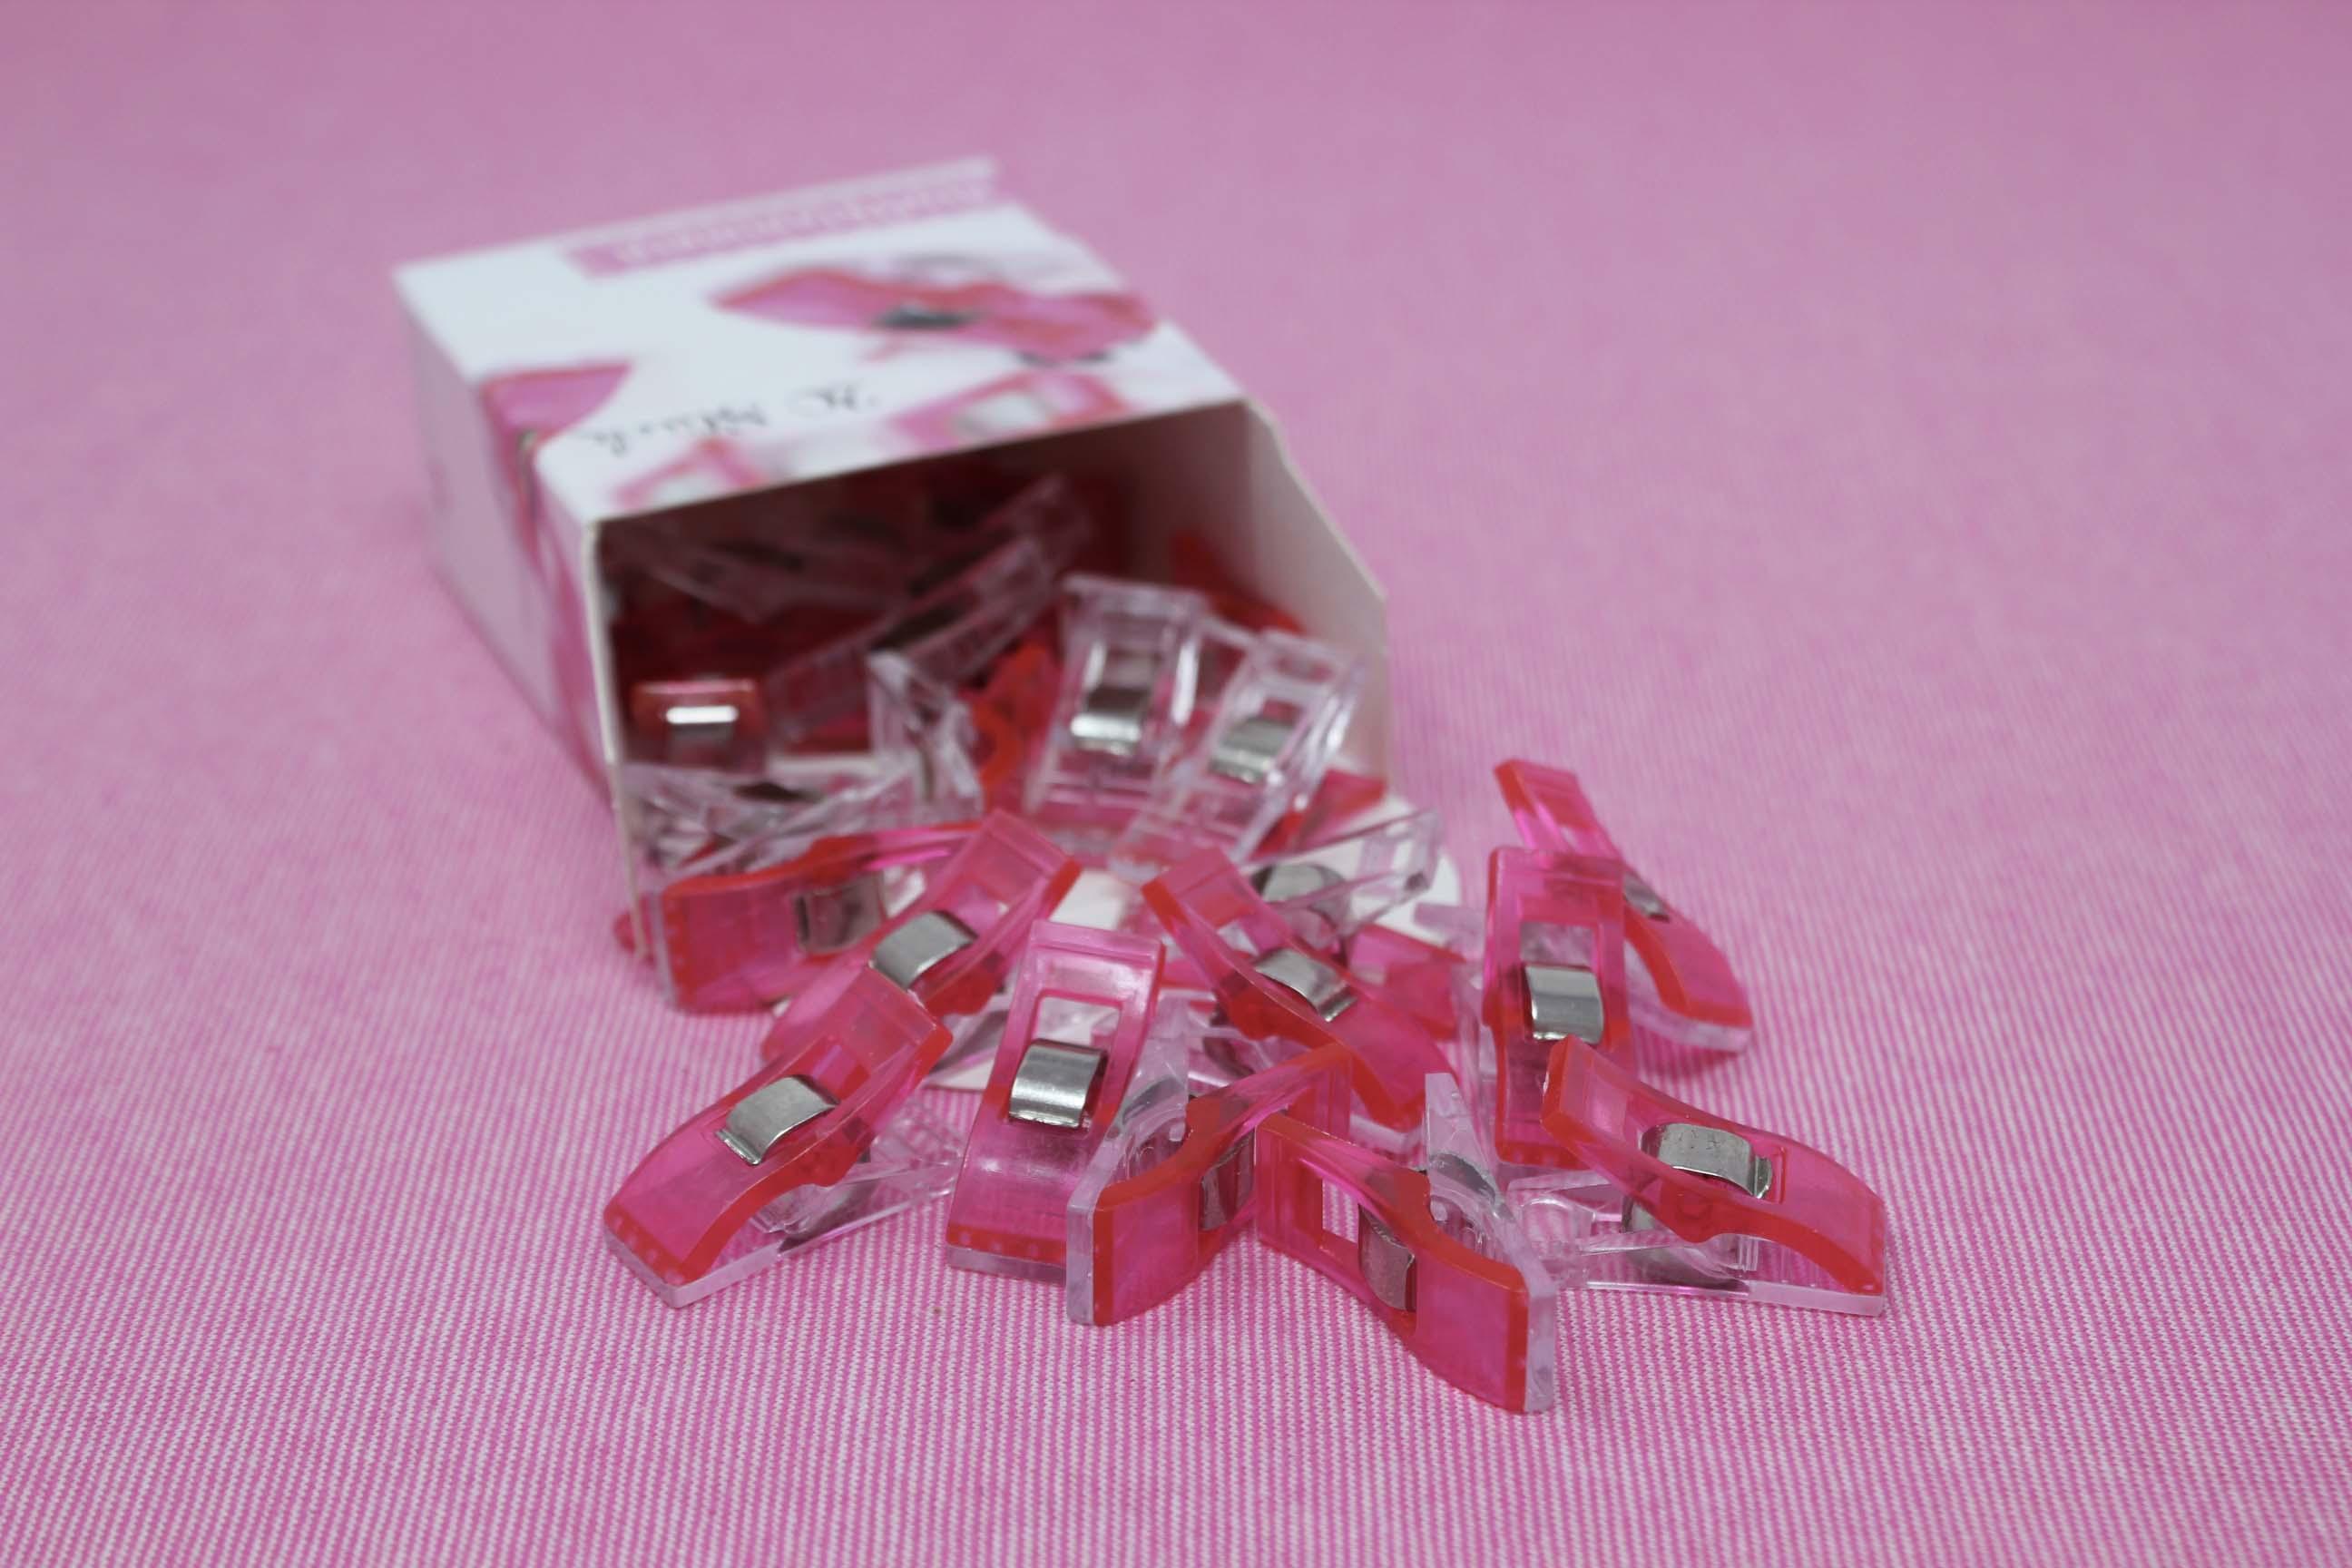 Stoffklammern  - Packung mit 20 Stück - SEEMANNSgarn